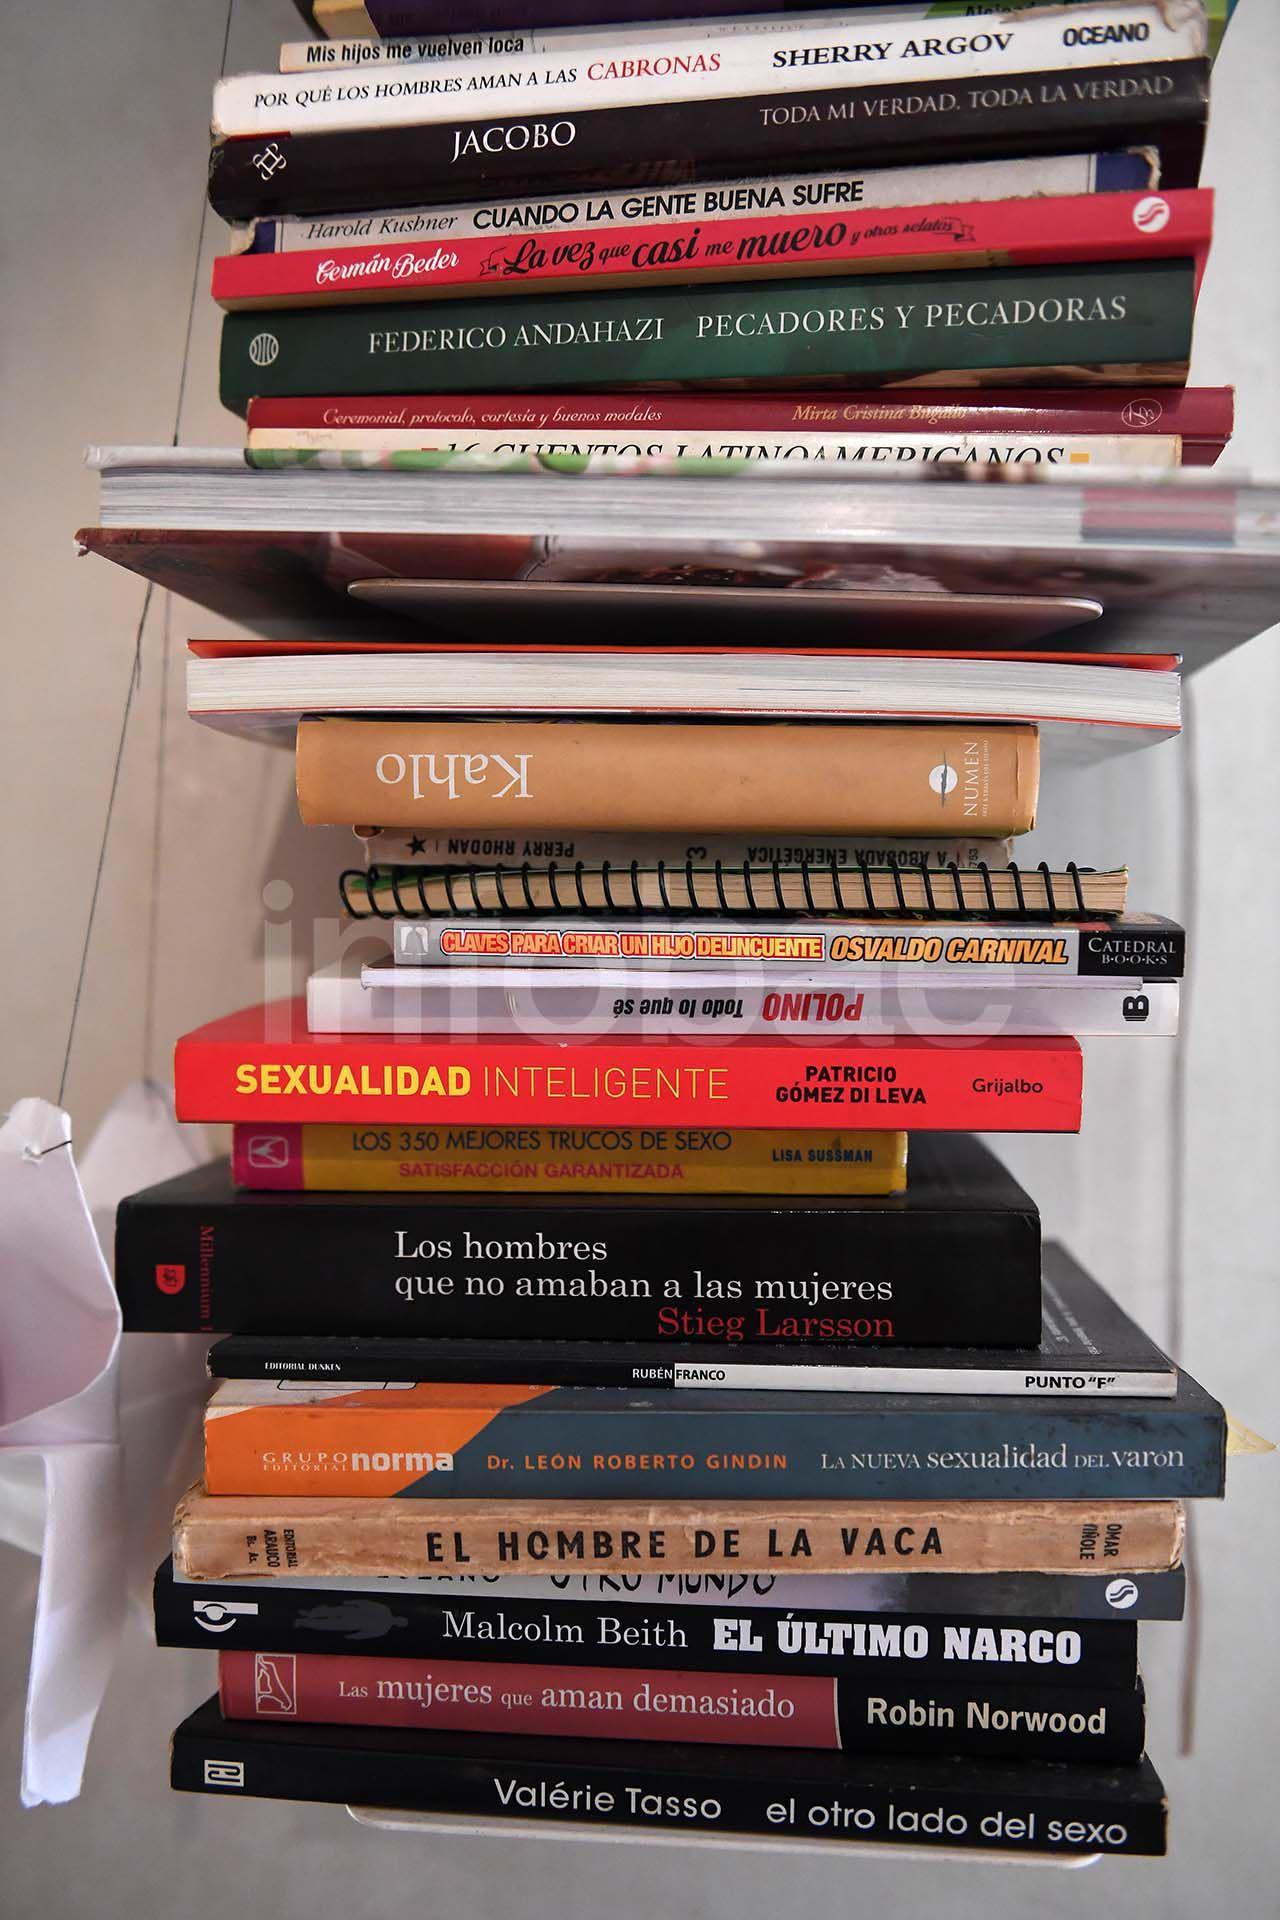 Algunos de los libros que se encuentran en la biblioteca de la conductora